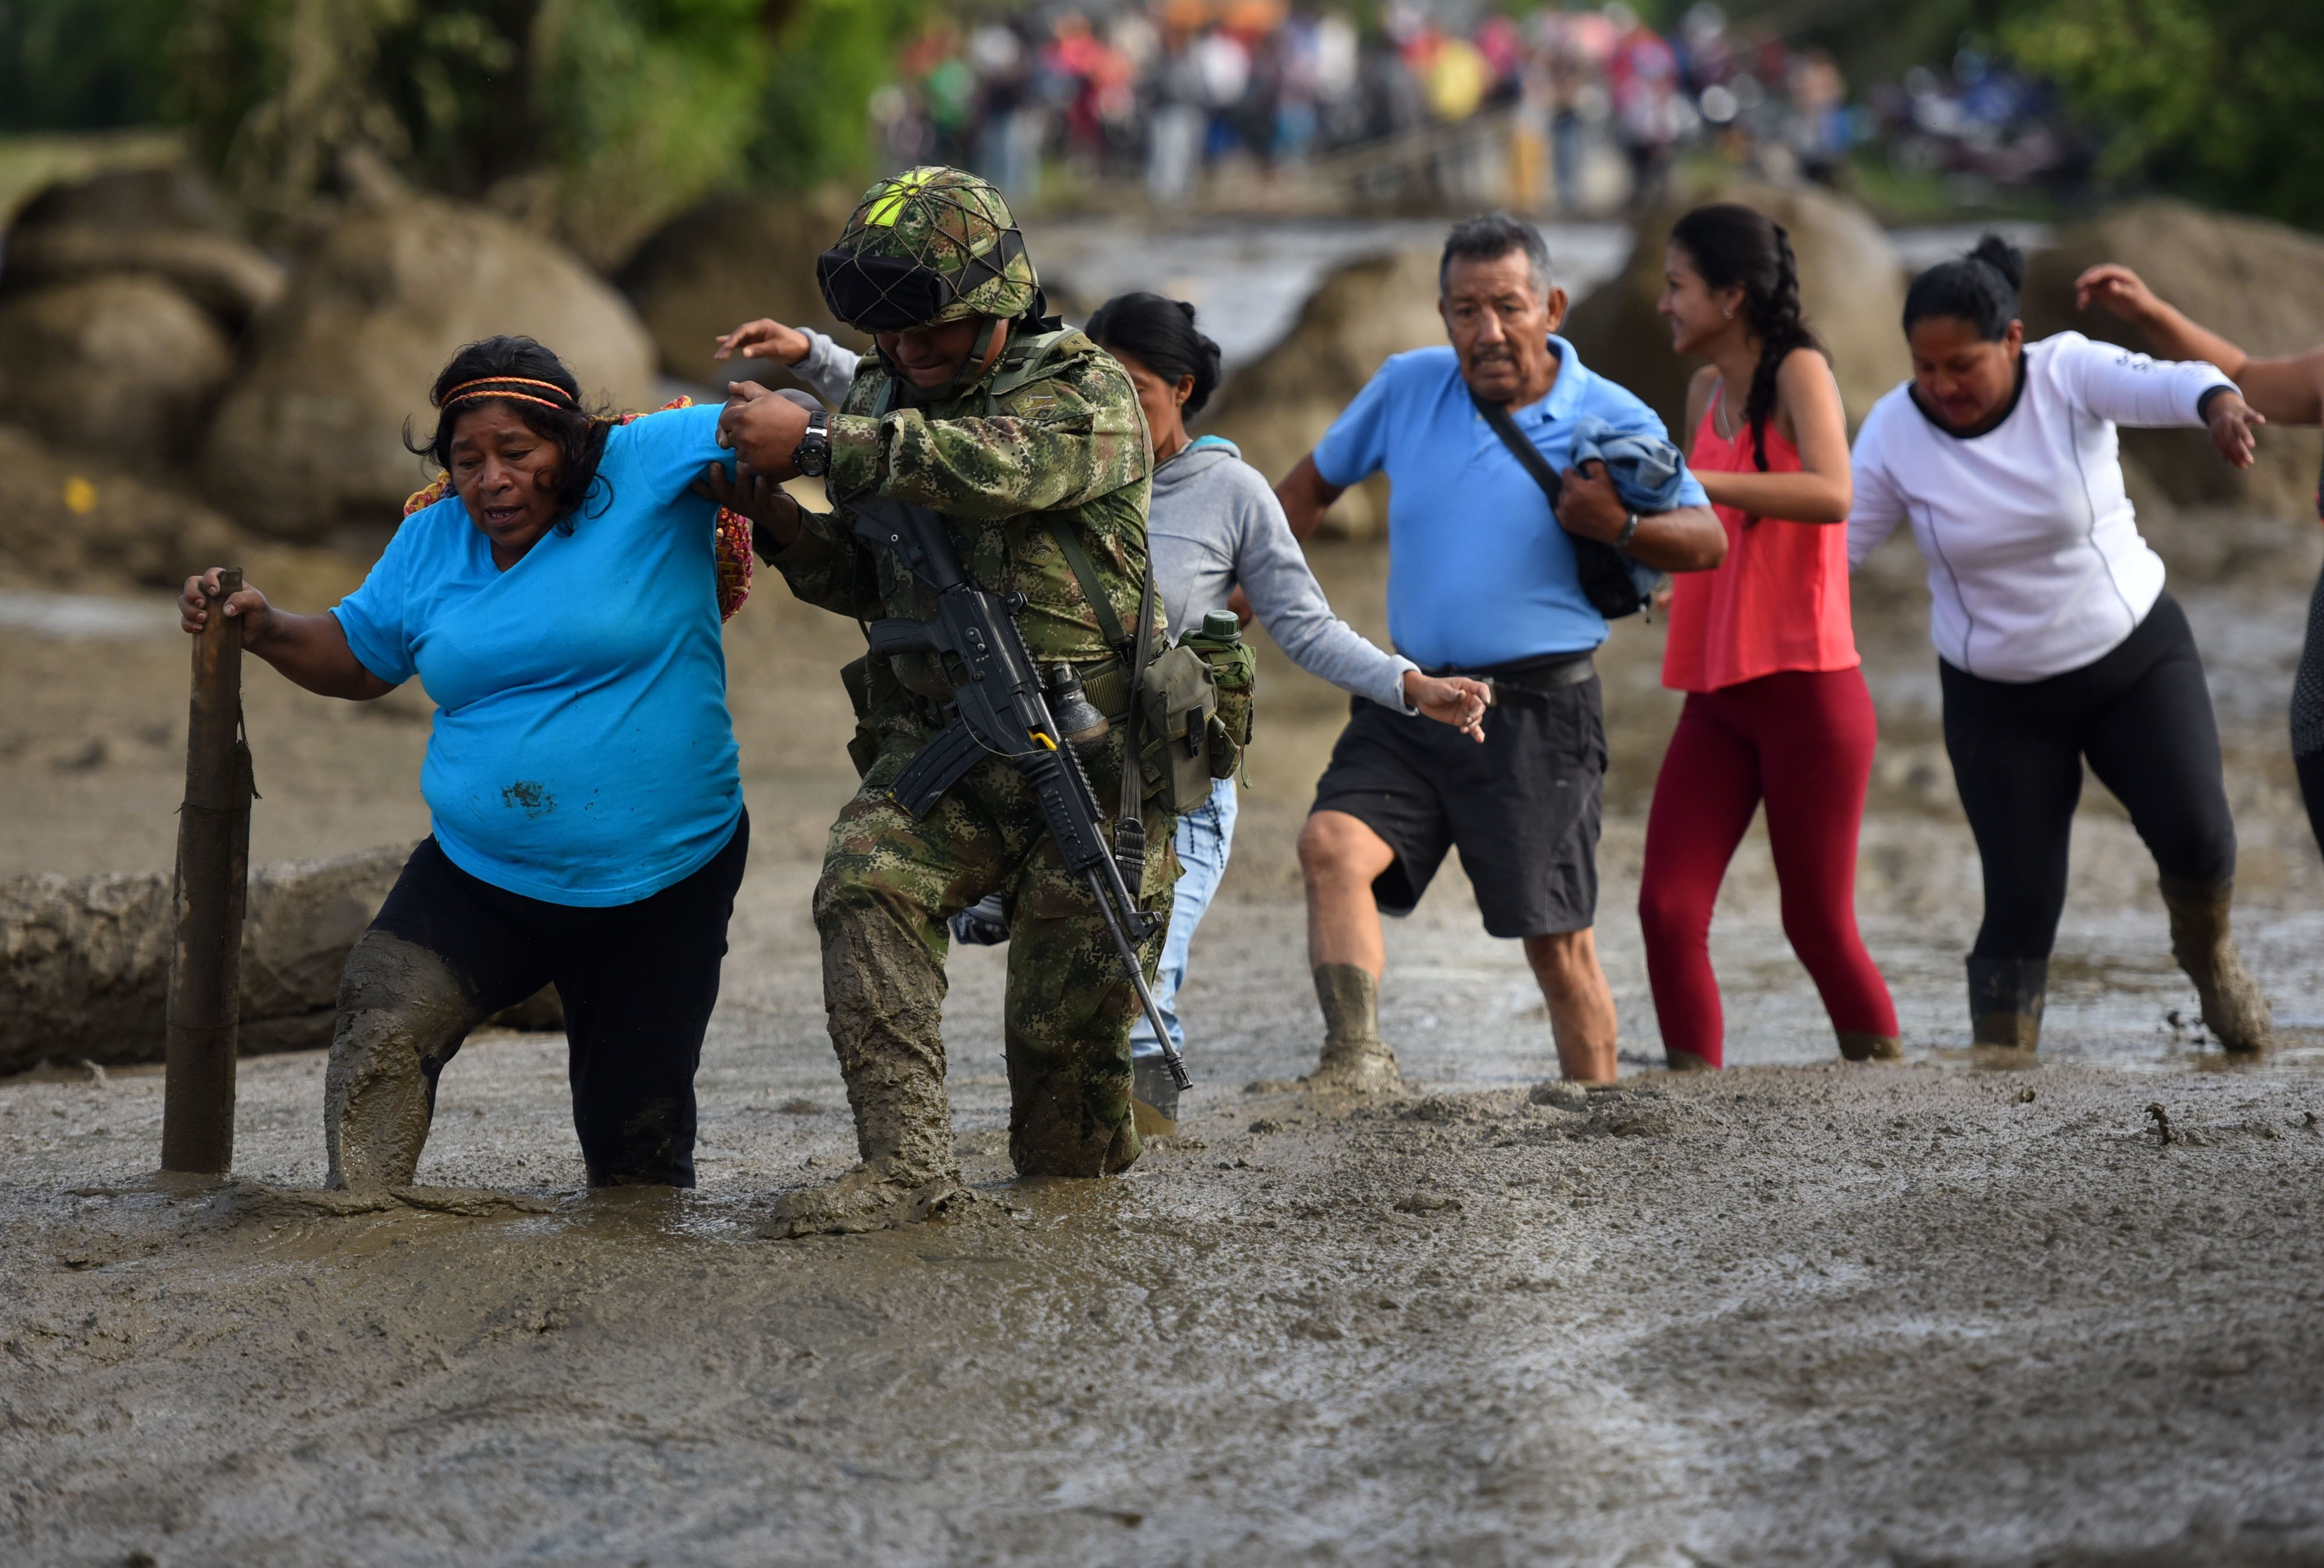 Confirmen quatre morts i 18 desapareguts per una riuada al sud-oest de Colòmbia. /ERNESTO GUZMÁN JR